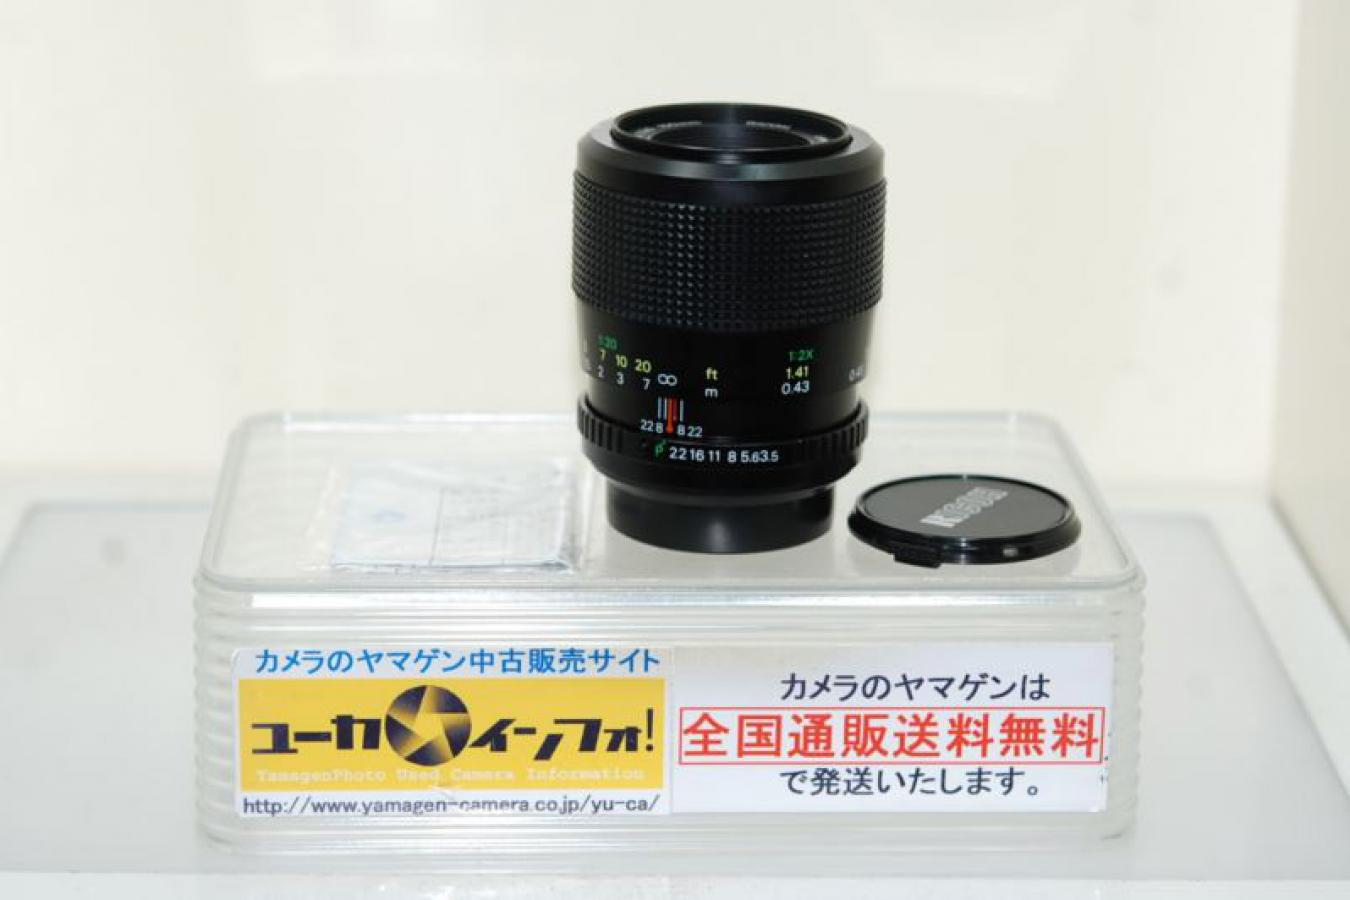 RICOH リケノンP 100mm F3.5マクロ OH済 【ペンタックスKマウントレンズ】